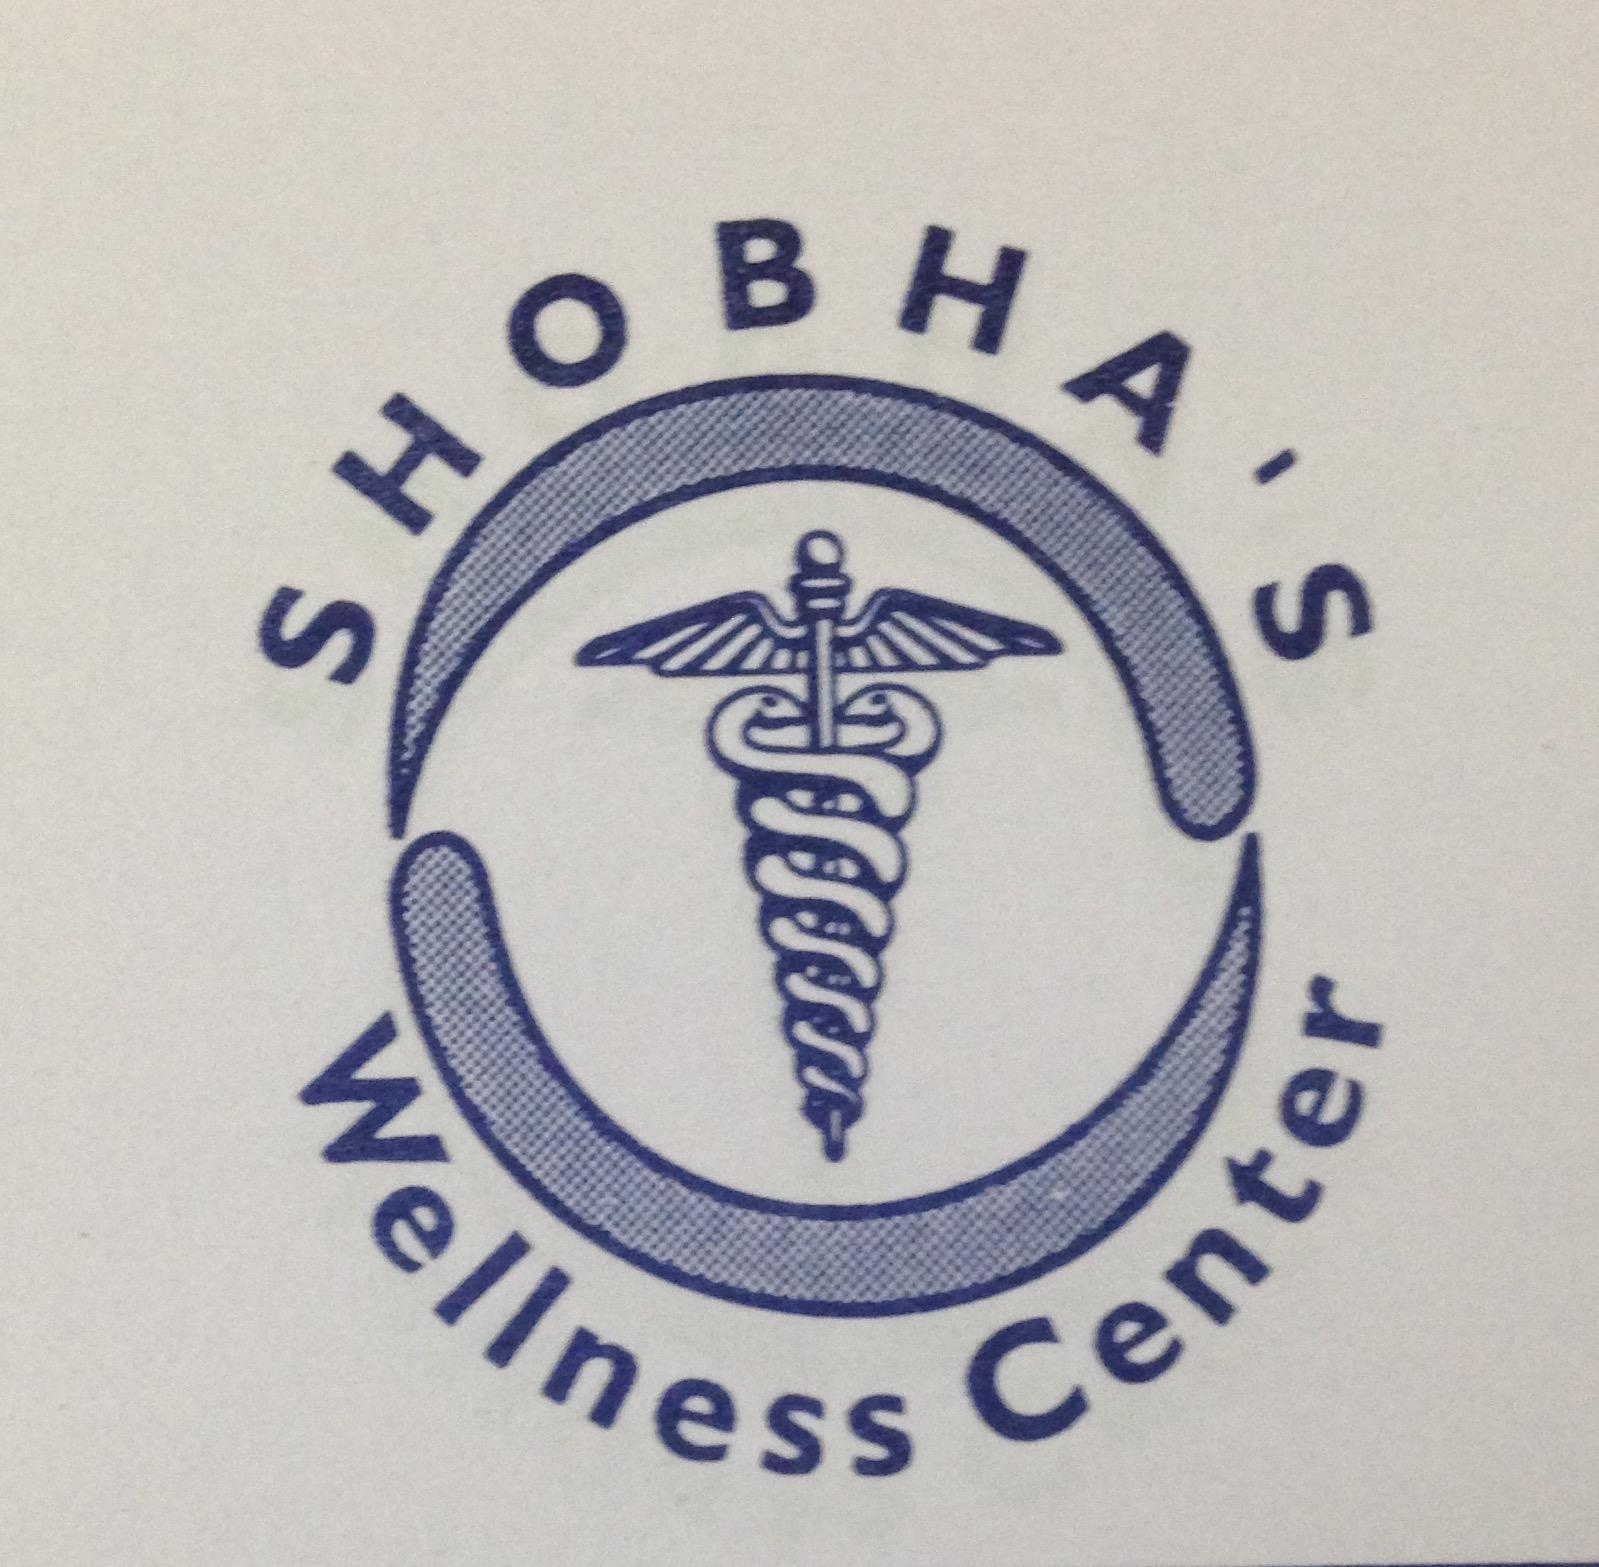 Shobha Wellness & Diagnostics Center